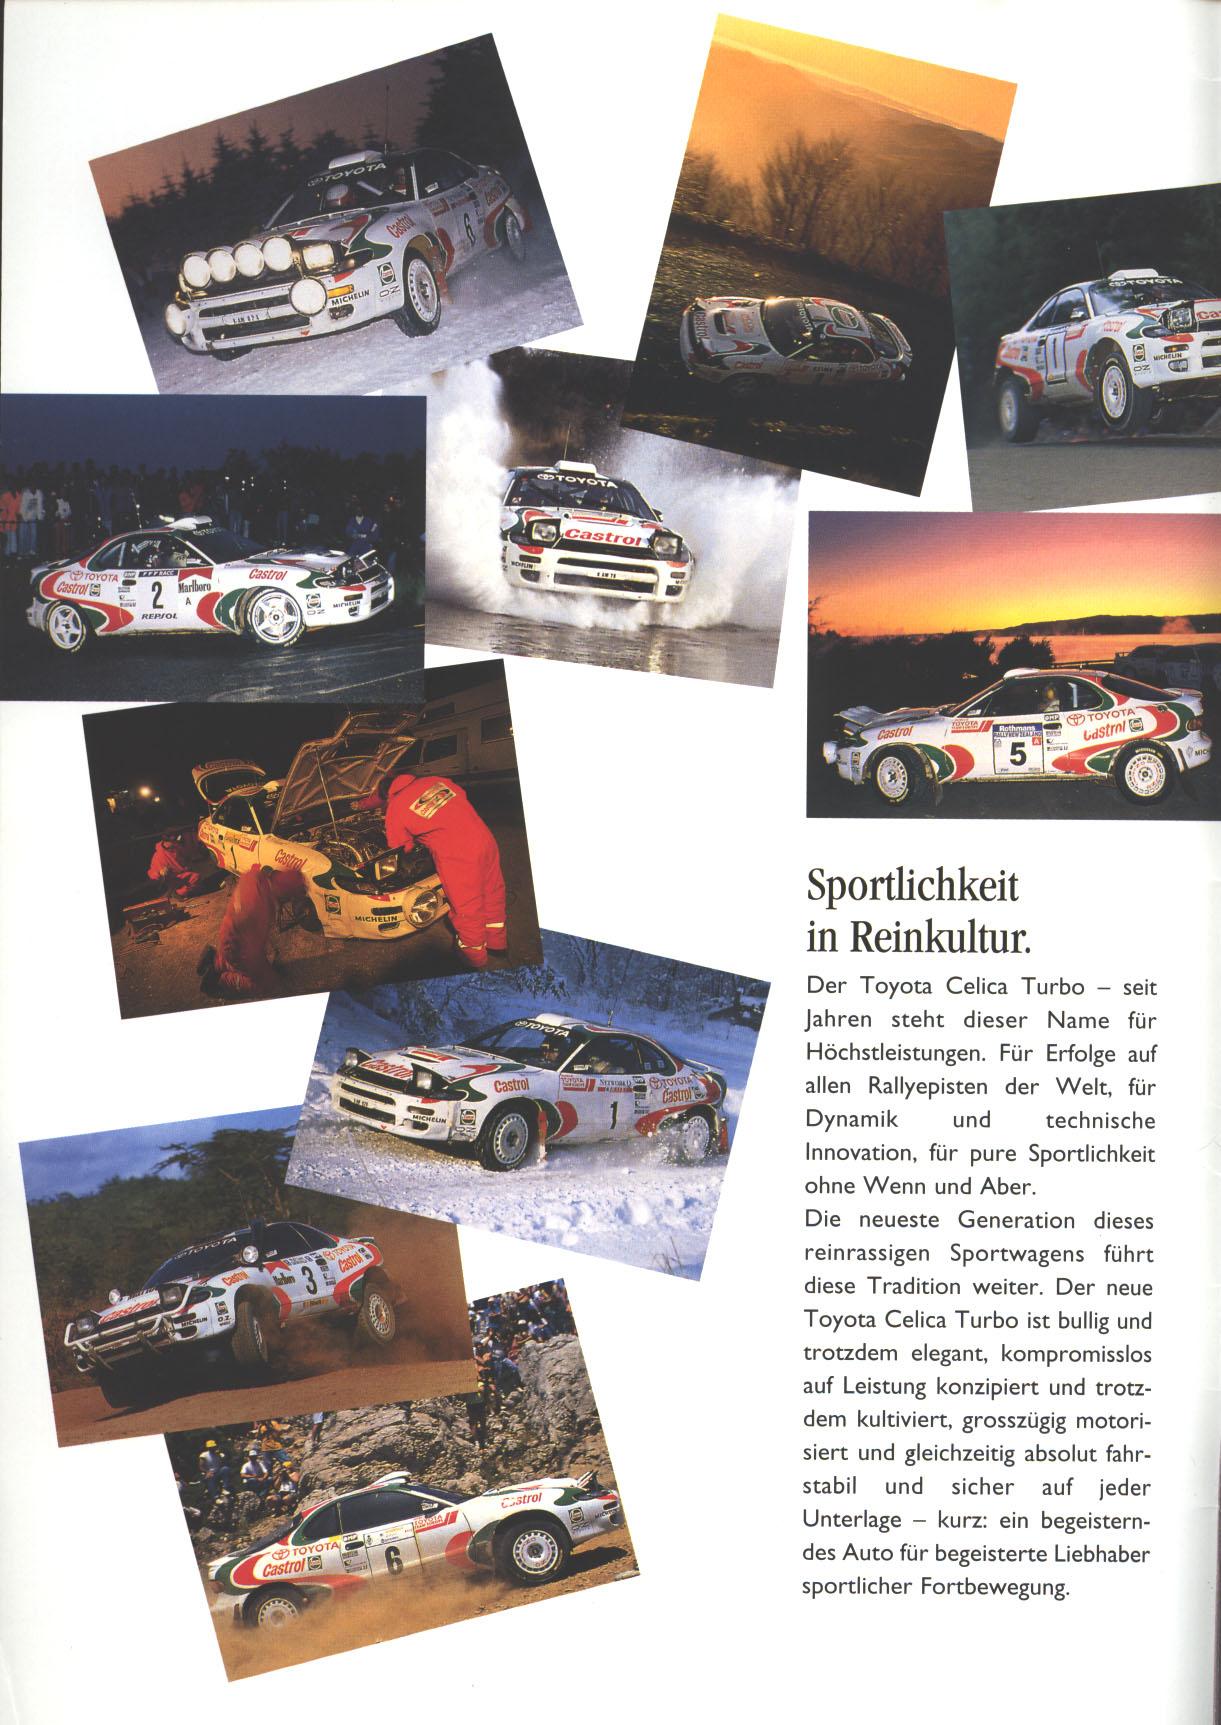 zur Uebersicht - Photo* © * by GT FOUR Drivers Club